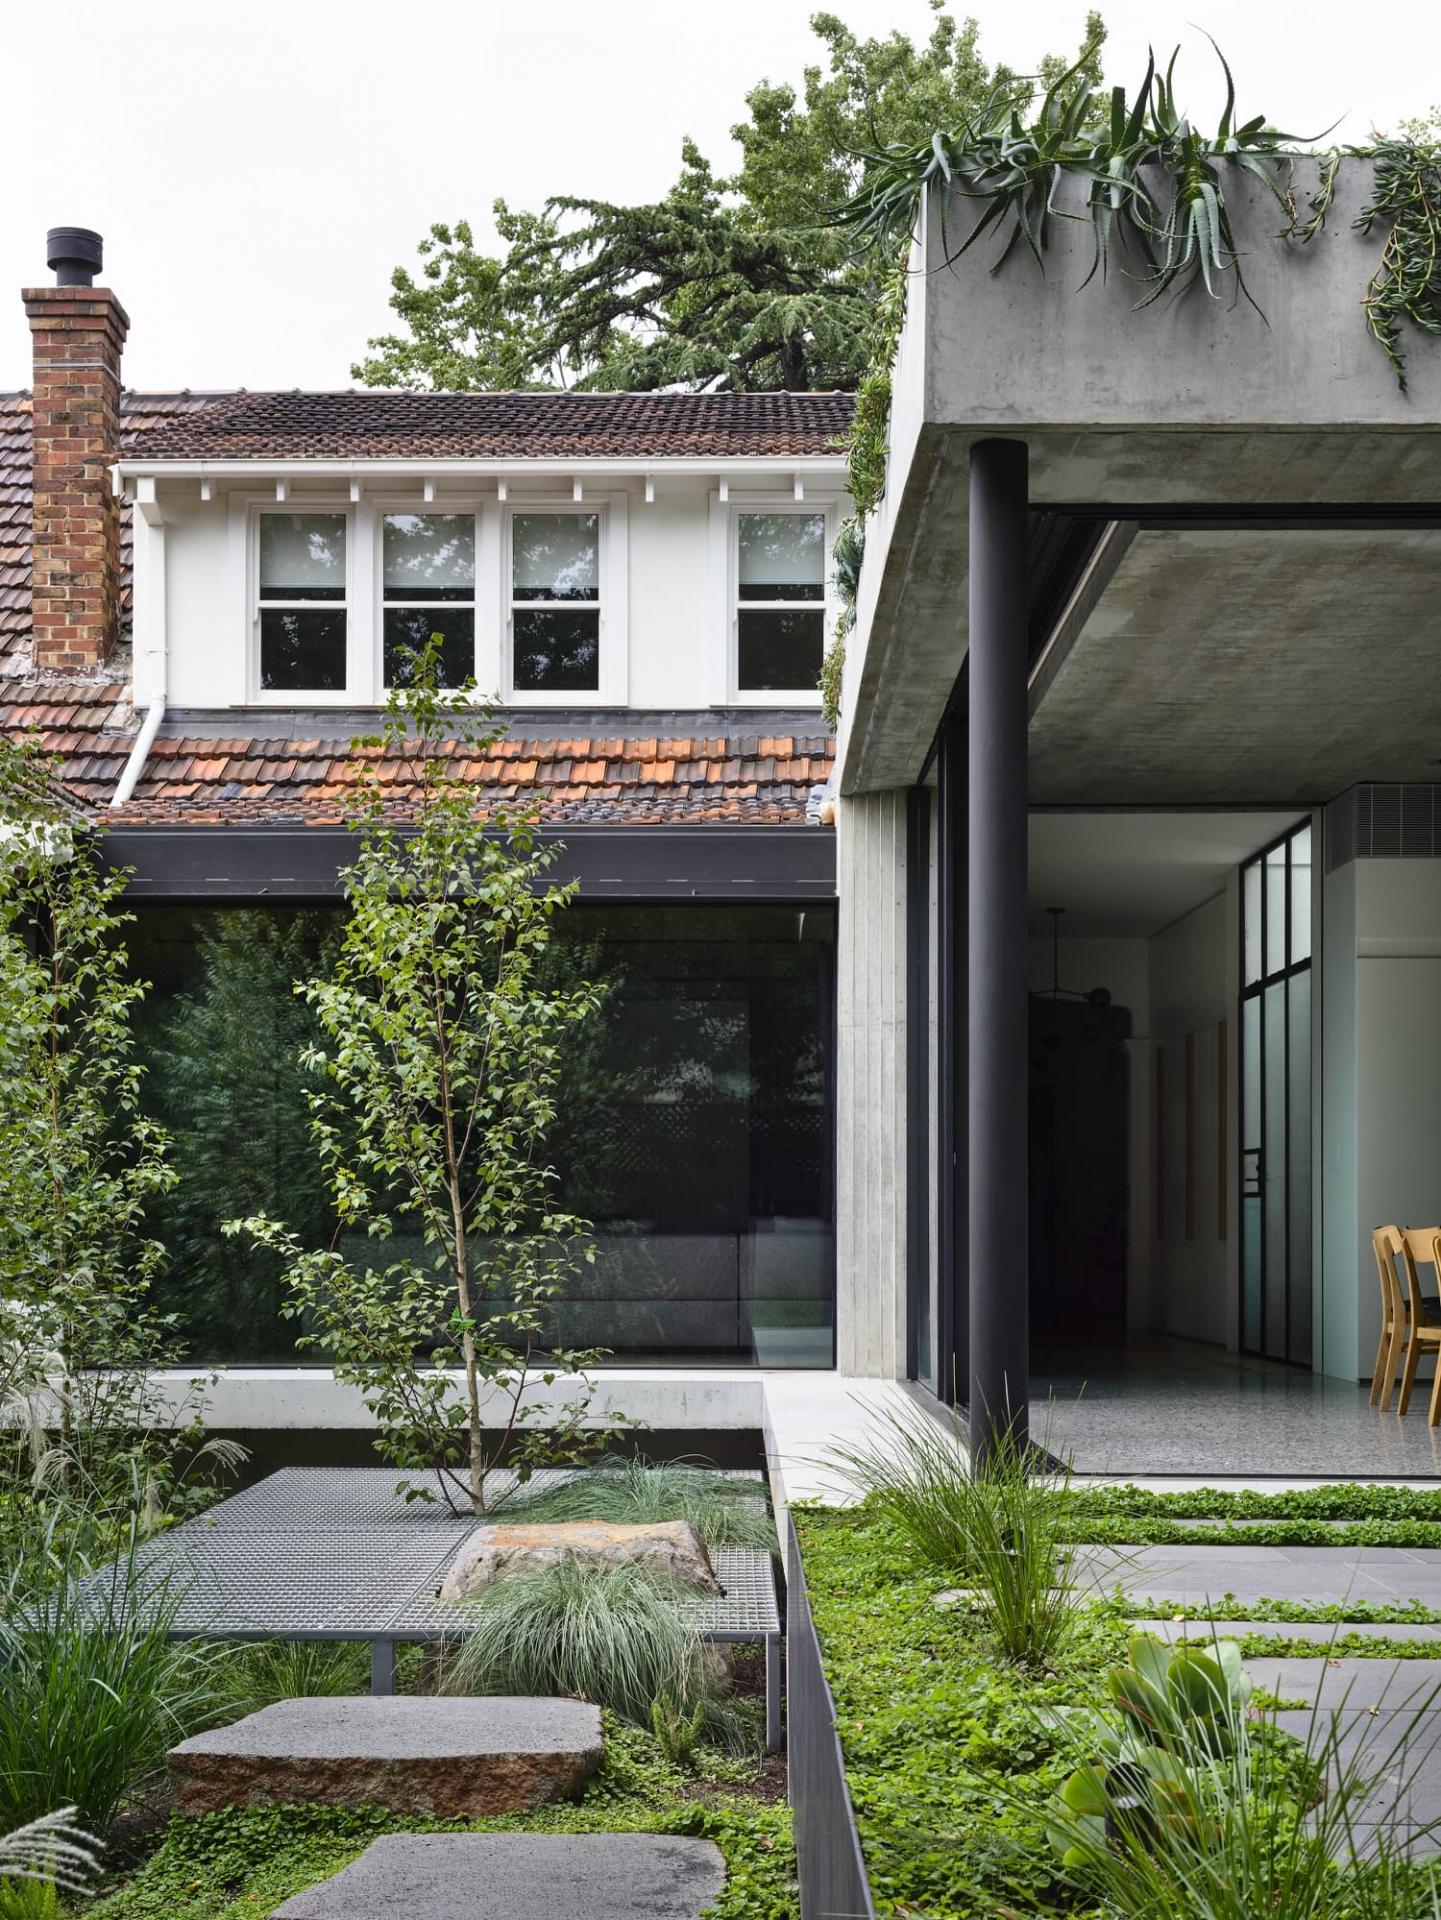 Taylor-Knights-Malvern-Garden-House-designalive-3